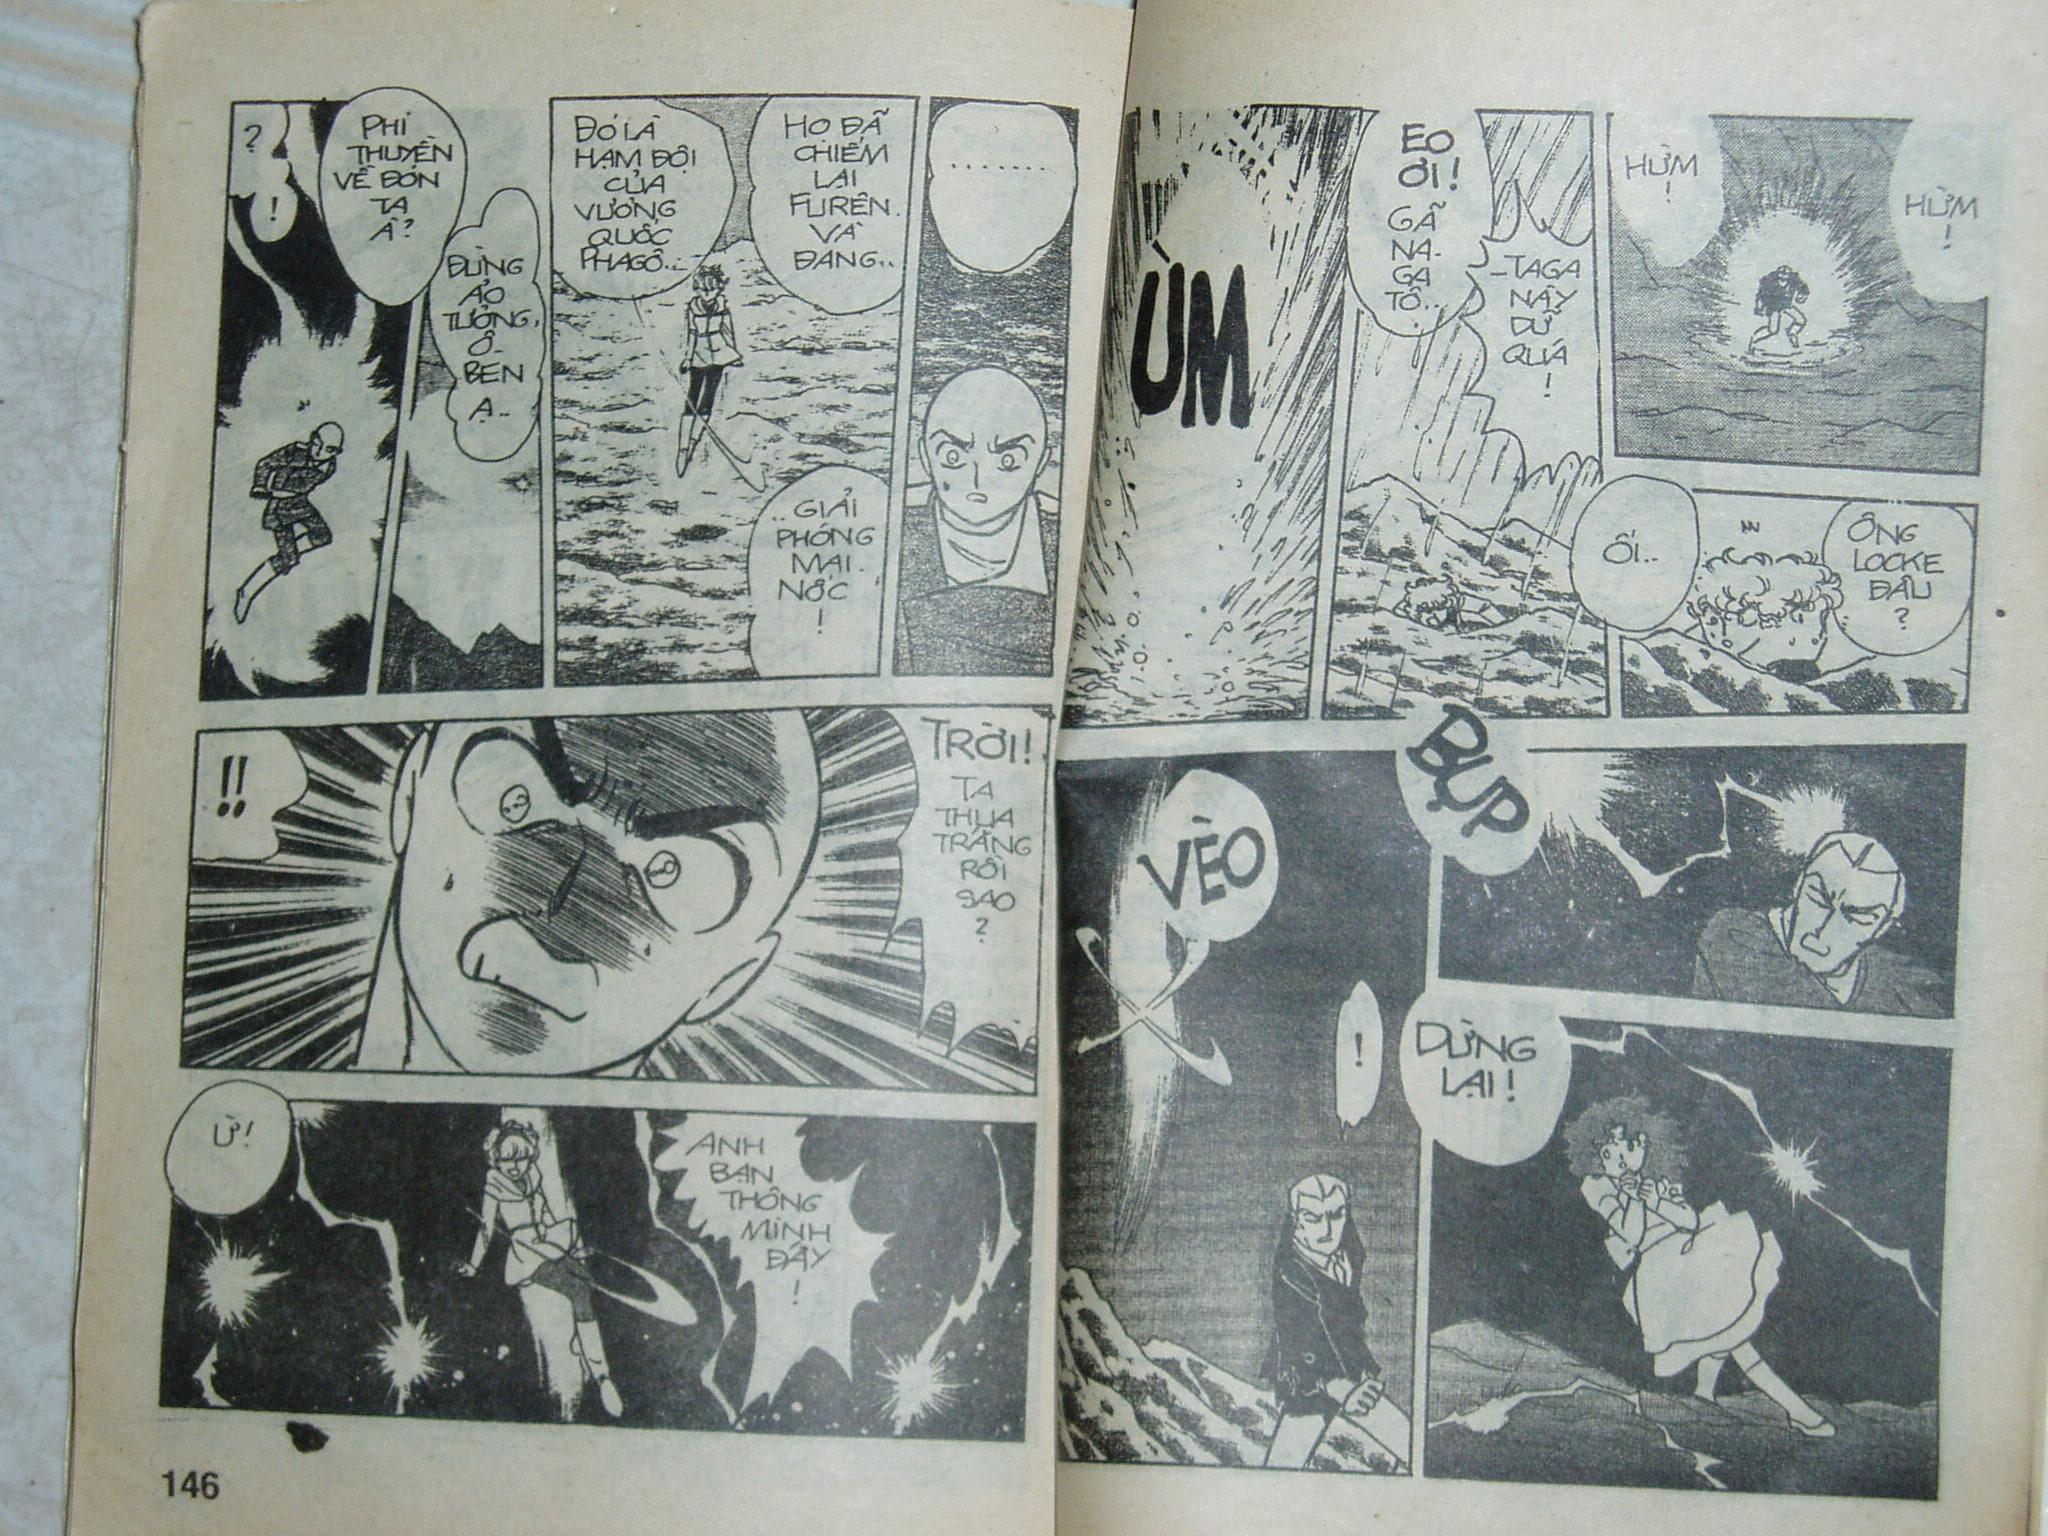 Siêu nhân Locke vol 13 trang 69